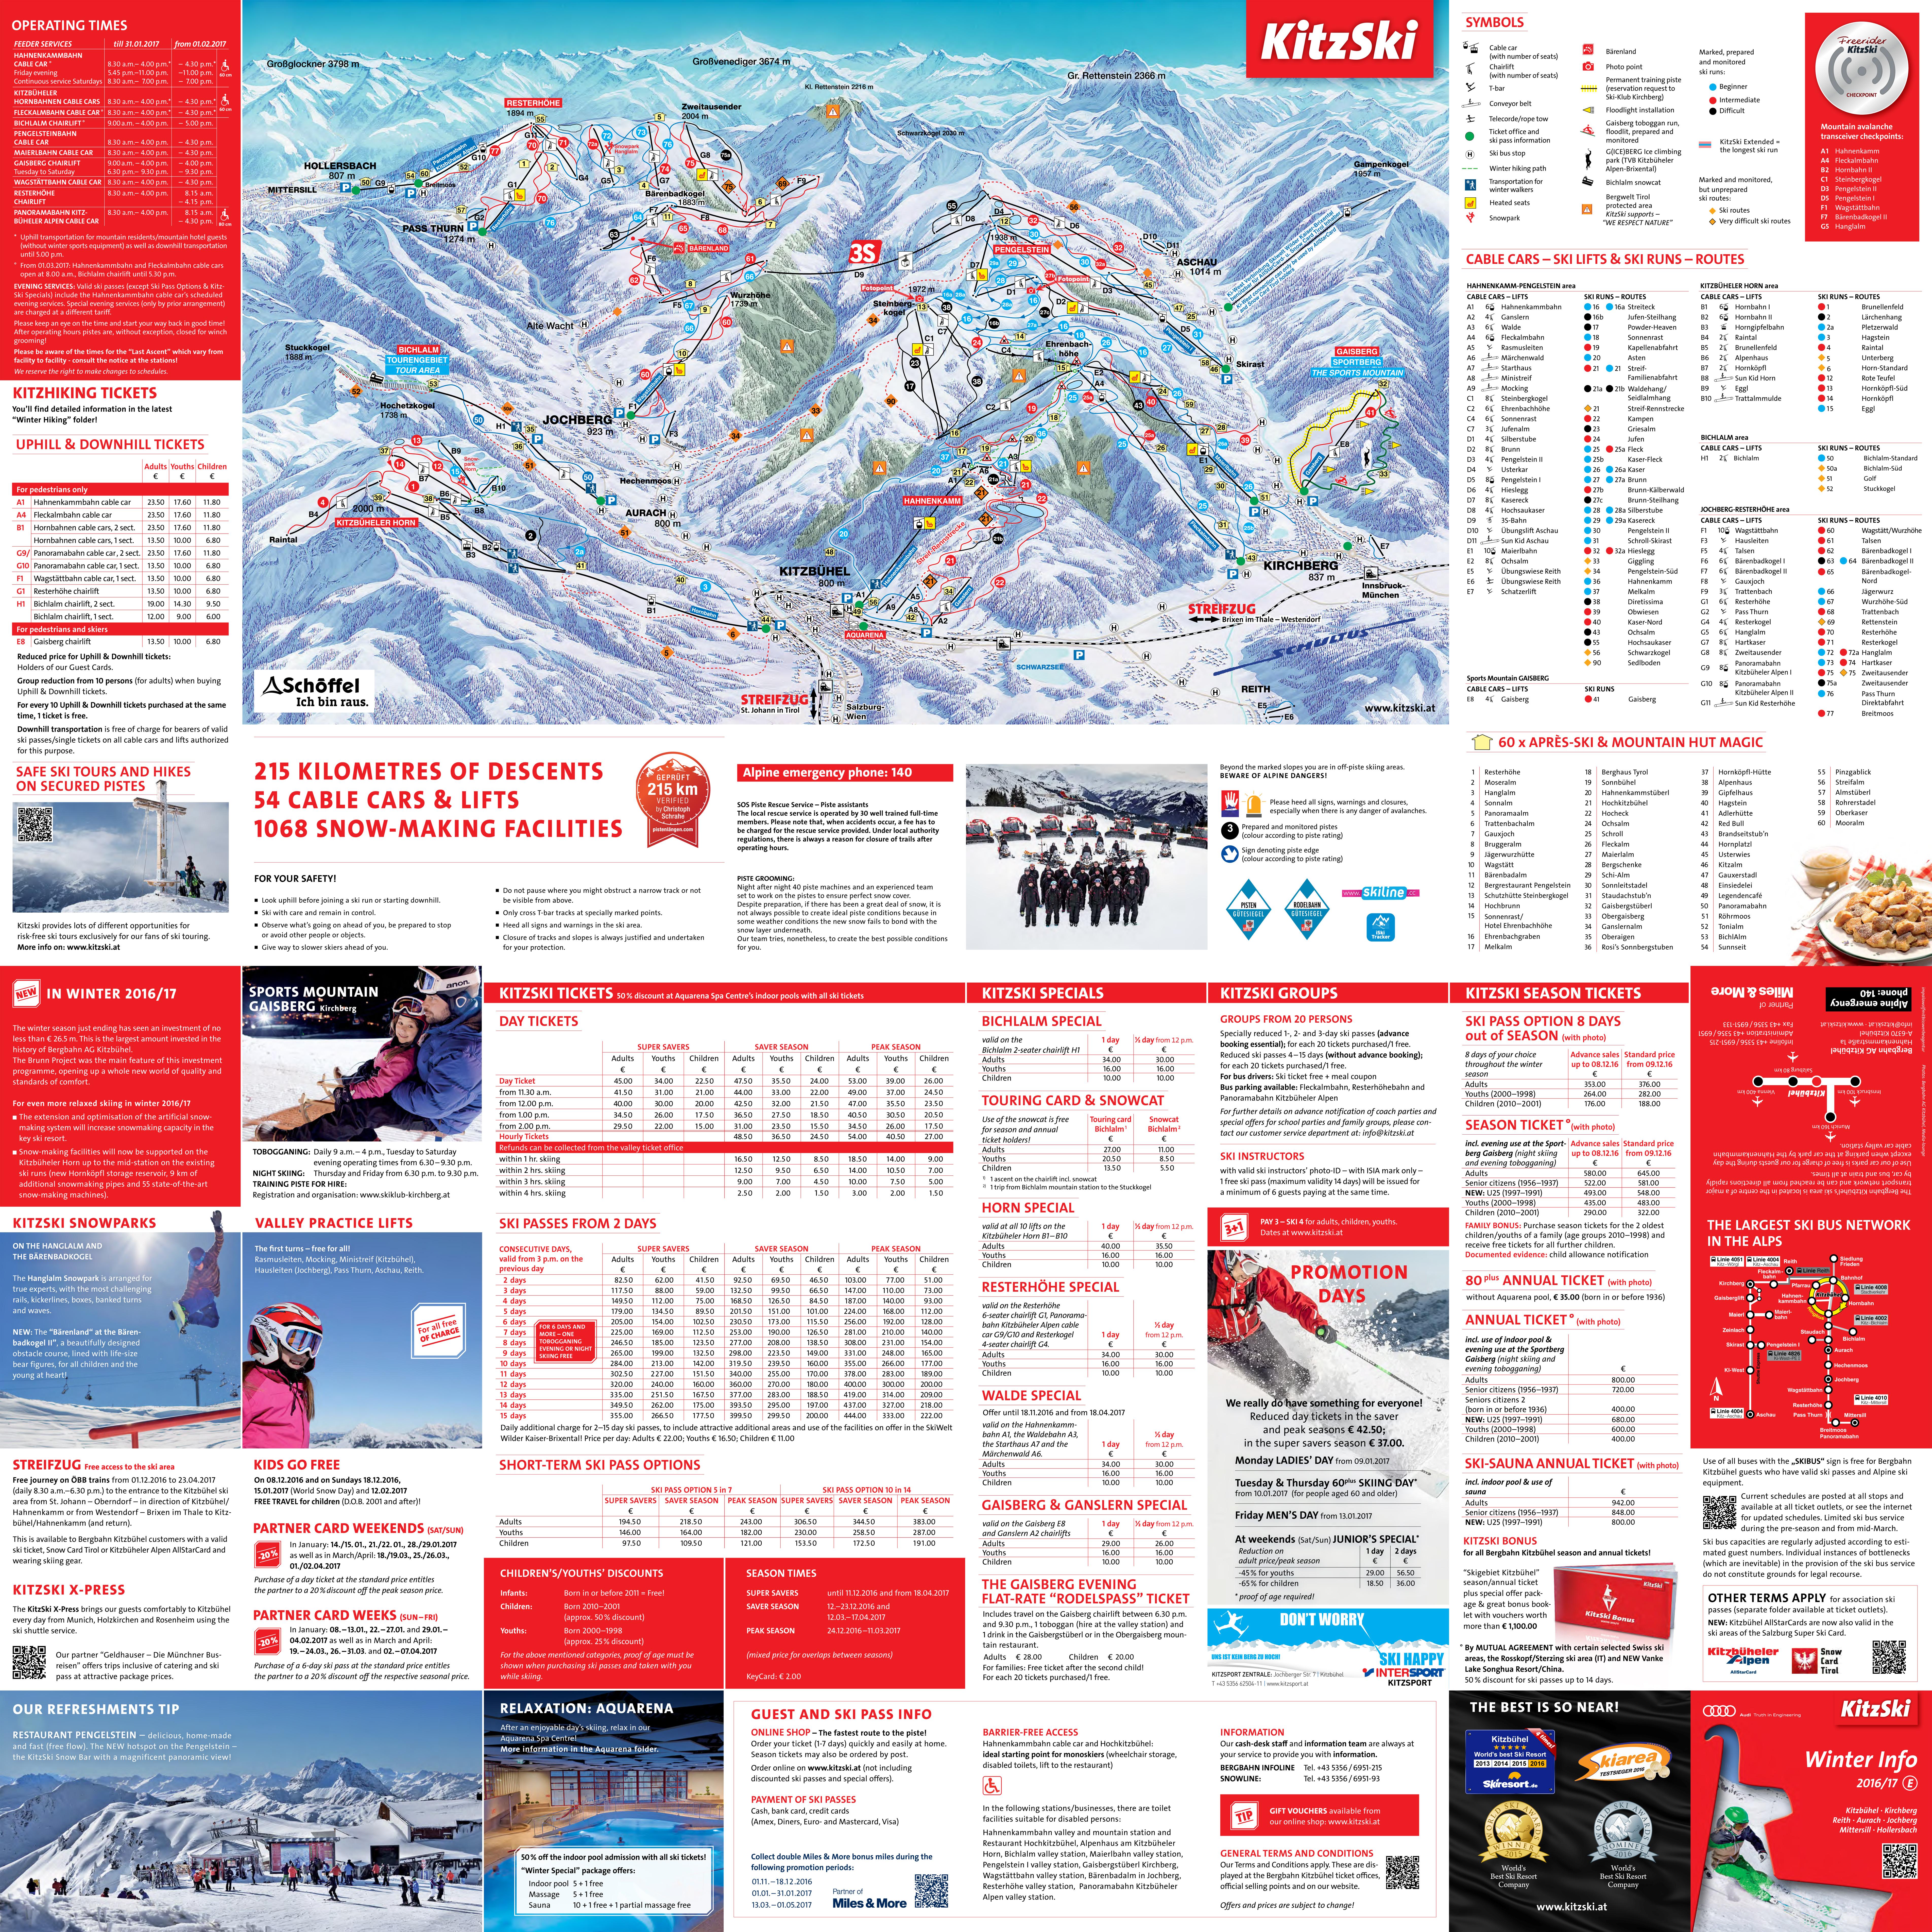 Large Scale Guide And Piste Map Of Kitzbuhel Kitzski Kirchberg Ski